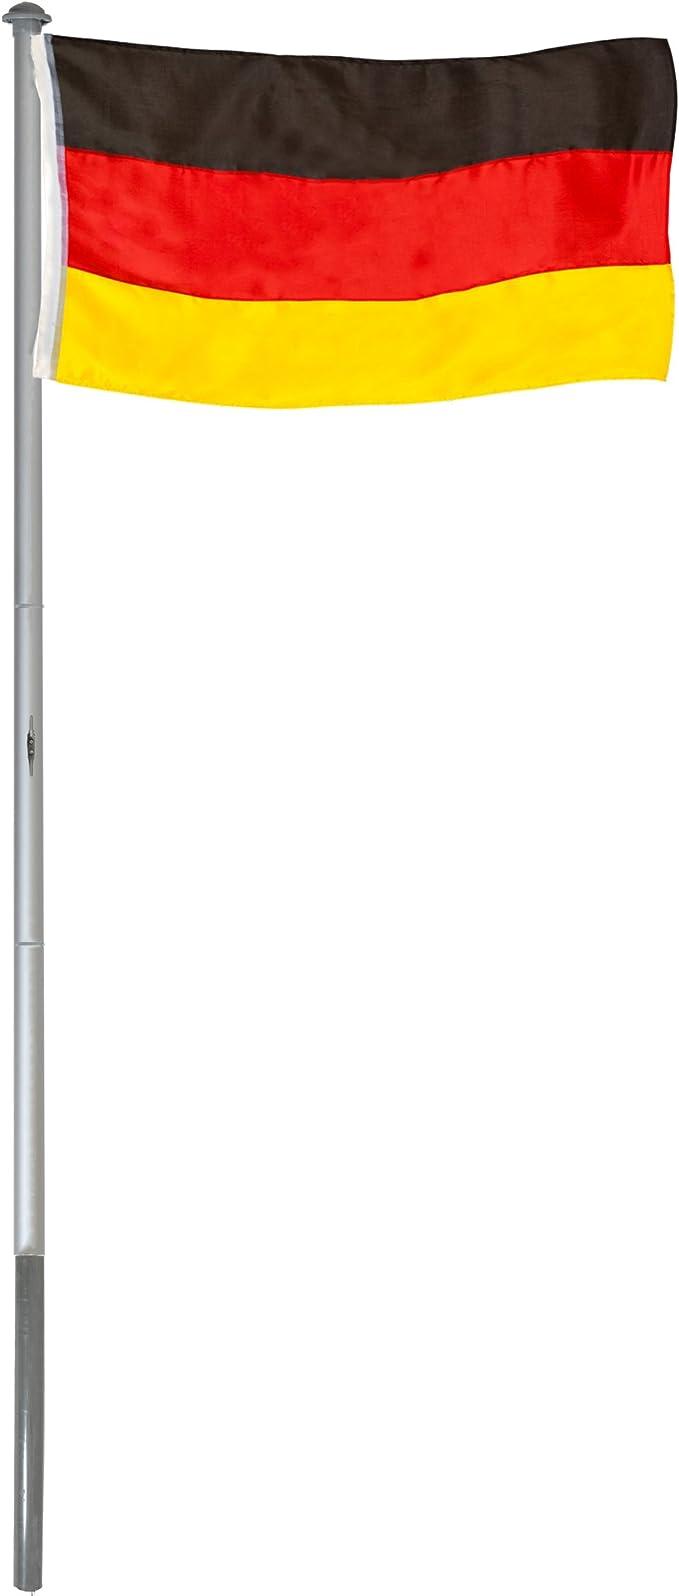 BRUBAKER Mástil Aluminio Exterior 6 m Incluye Bandera de Allemande 150 x 90 cm y Soporte de Tierra: Amazon.es: Jardín